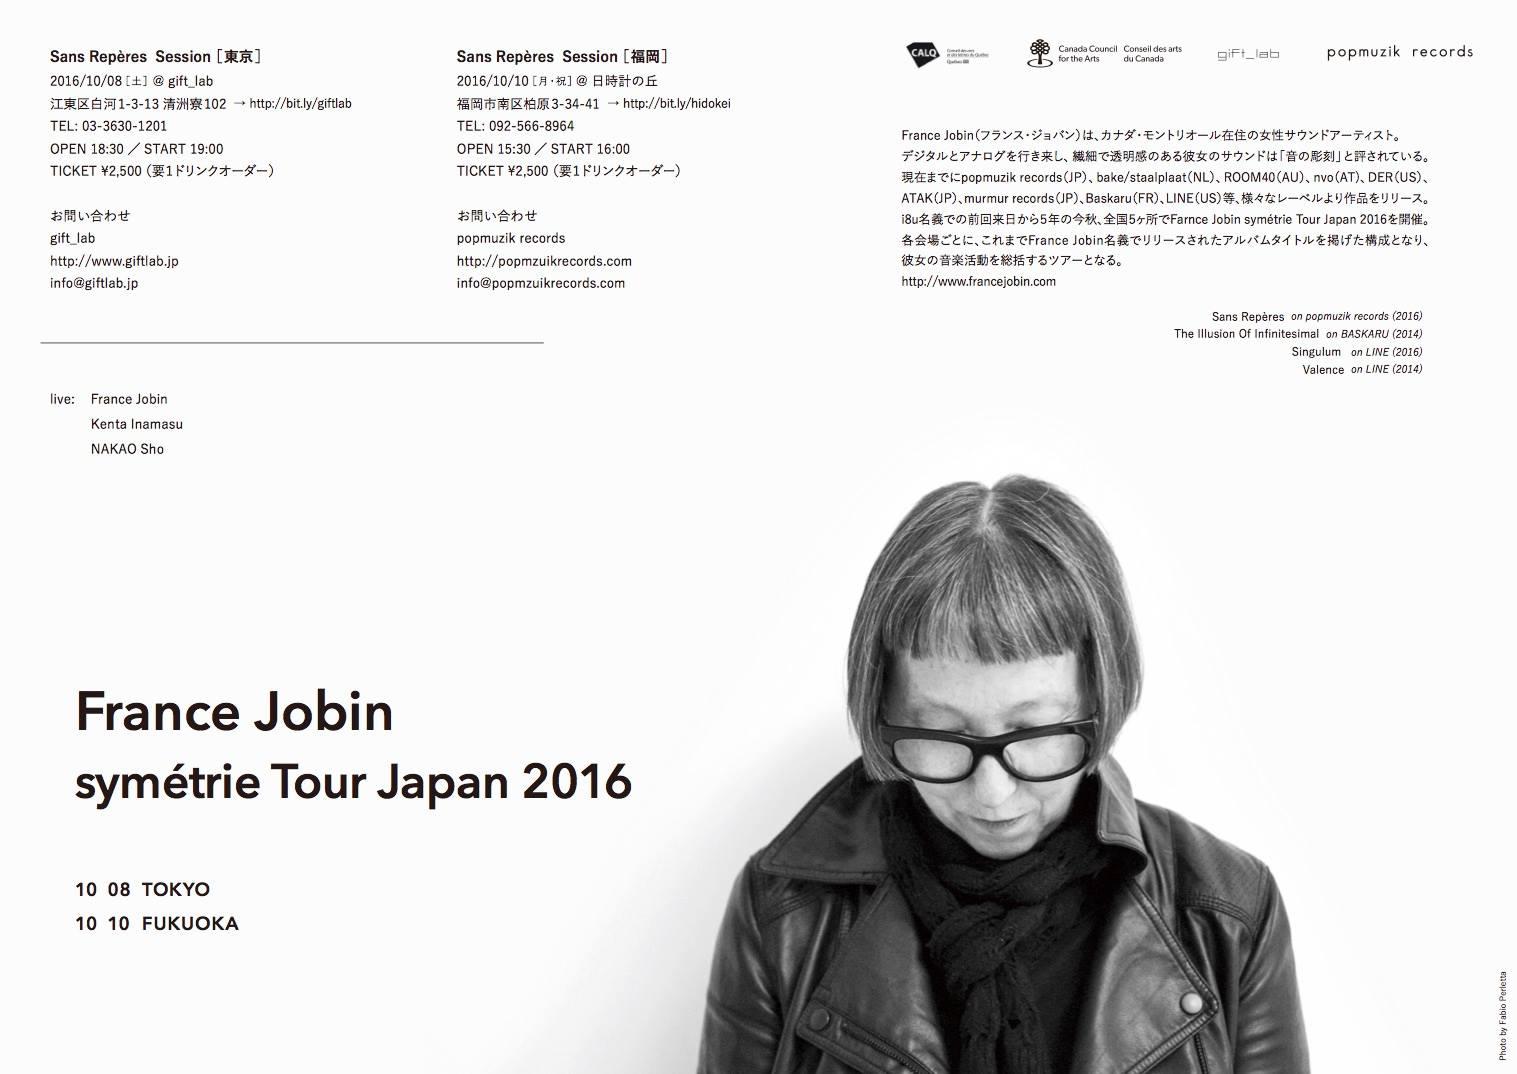 fjobin_simétrietourJapan